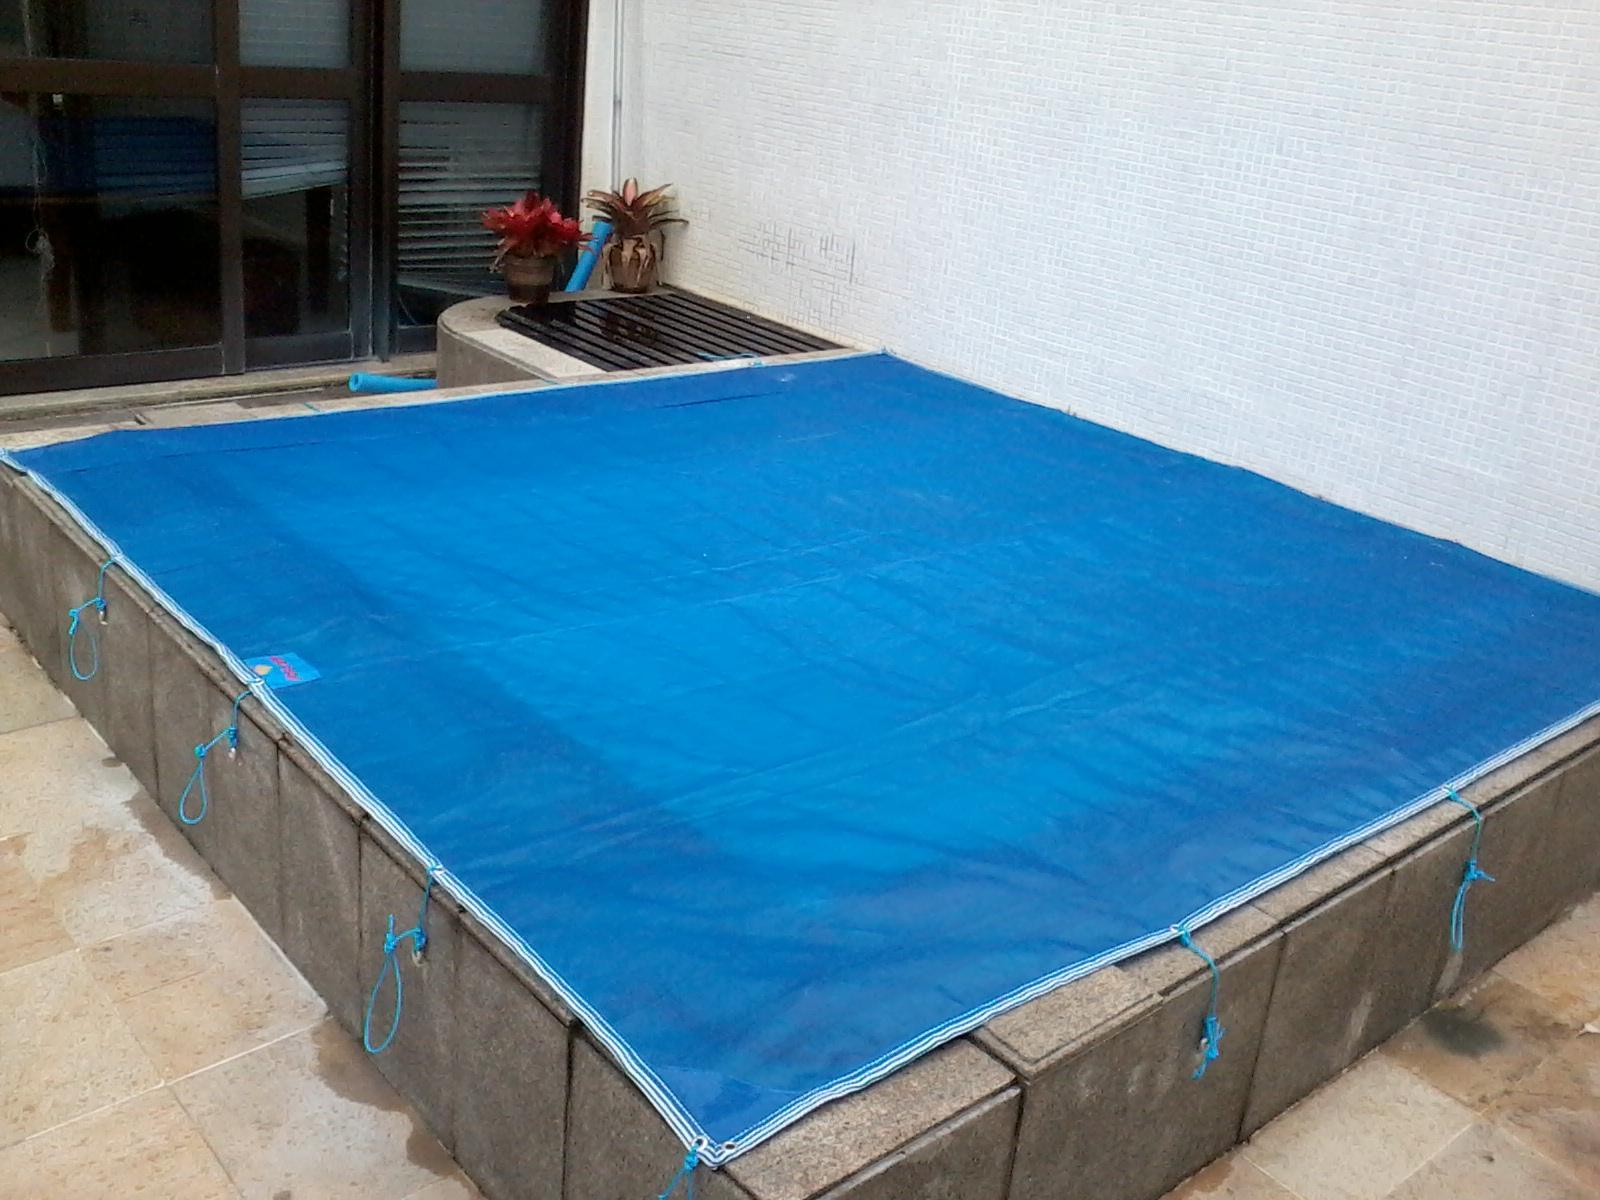 capas para piscinas acessórios de segurança para piscinas capas e ...